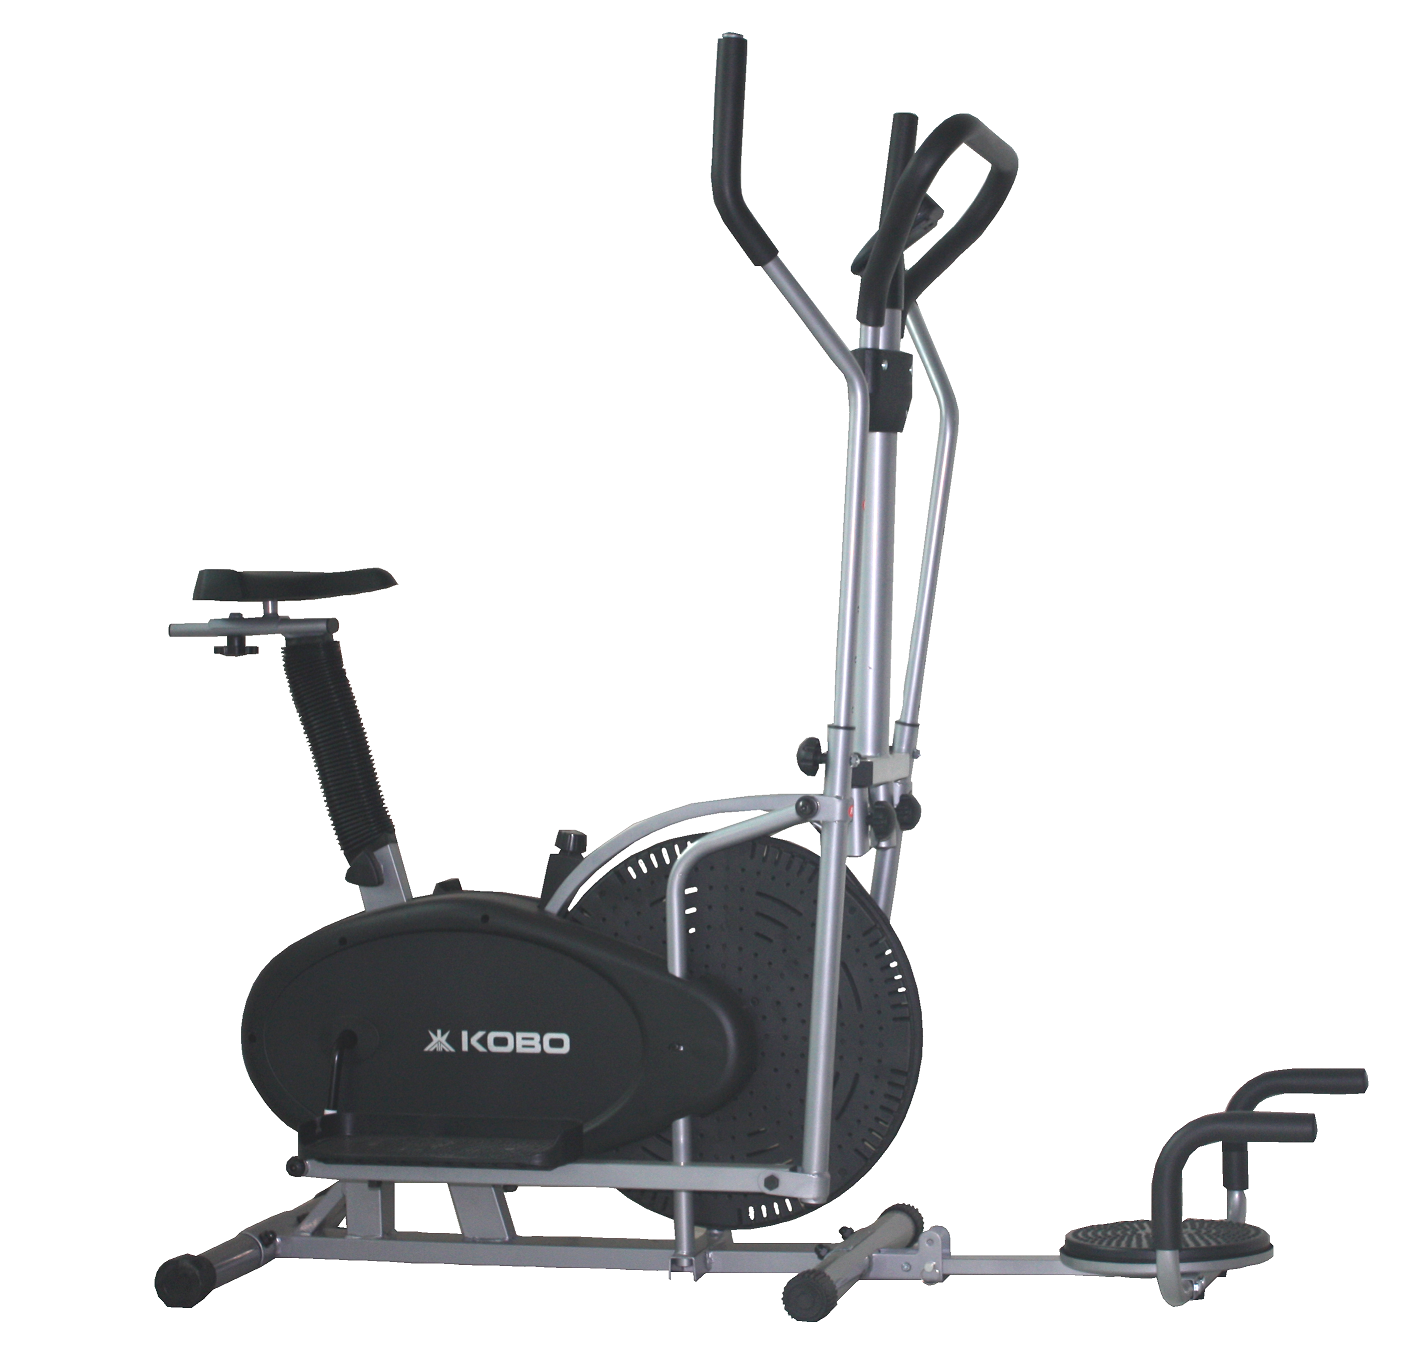 Orbitrac Elliptical Bike Manual: Buy Kobo Multi Orbitrac Elliptical Dual Action Exercise